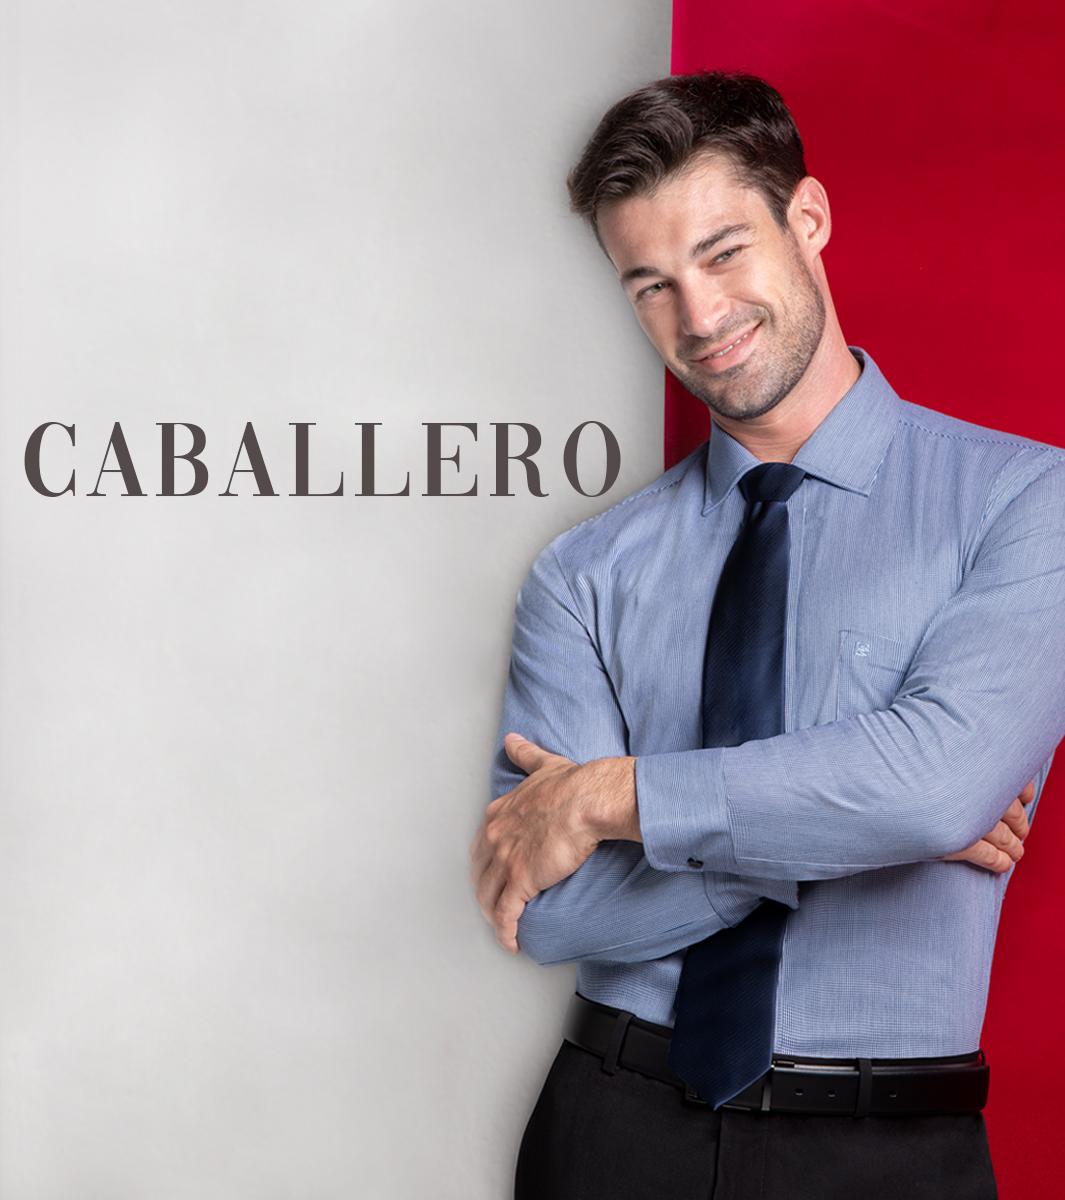 CABALLERO 2019